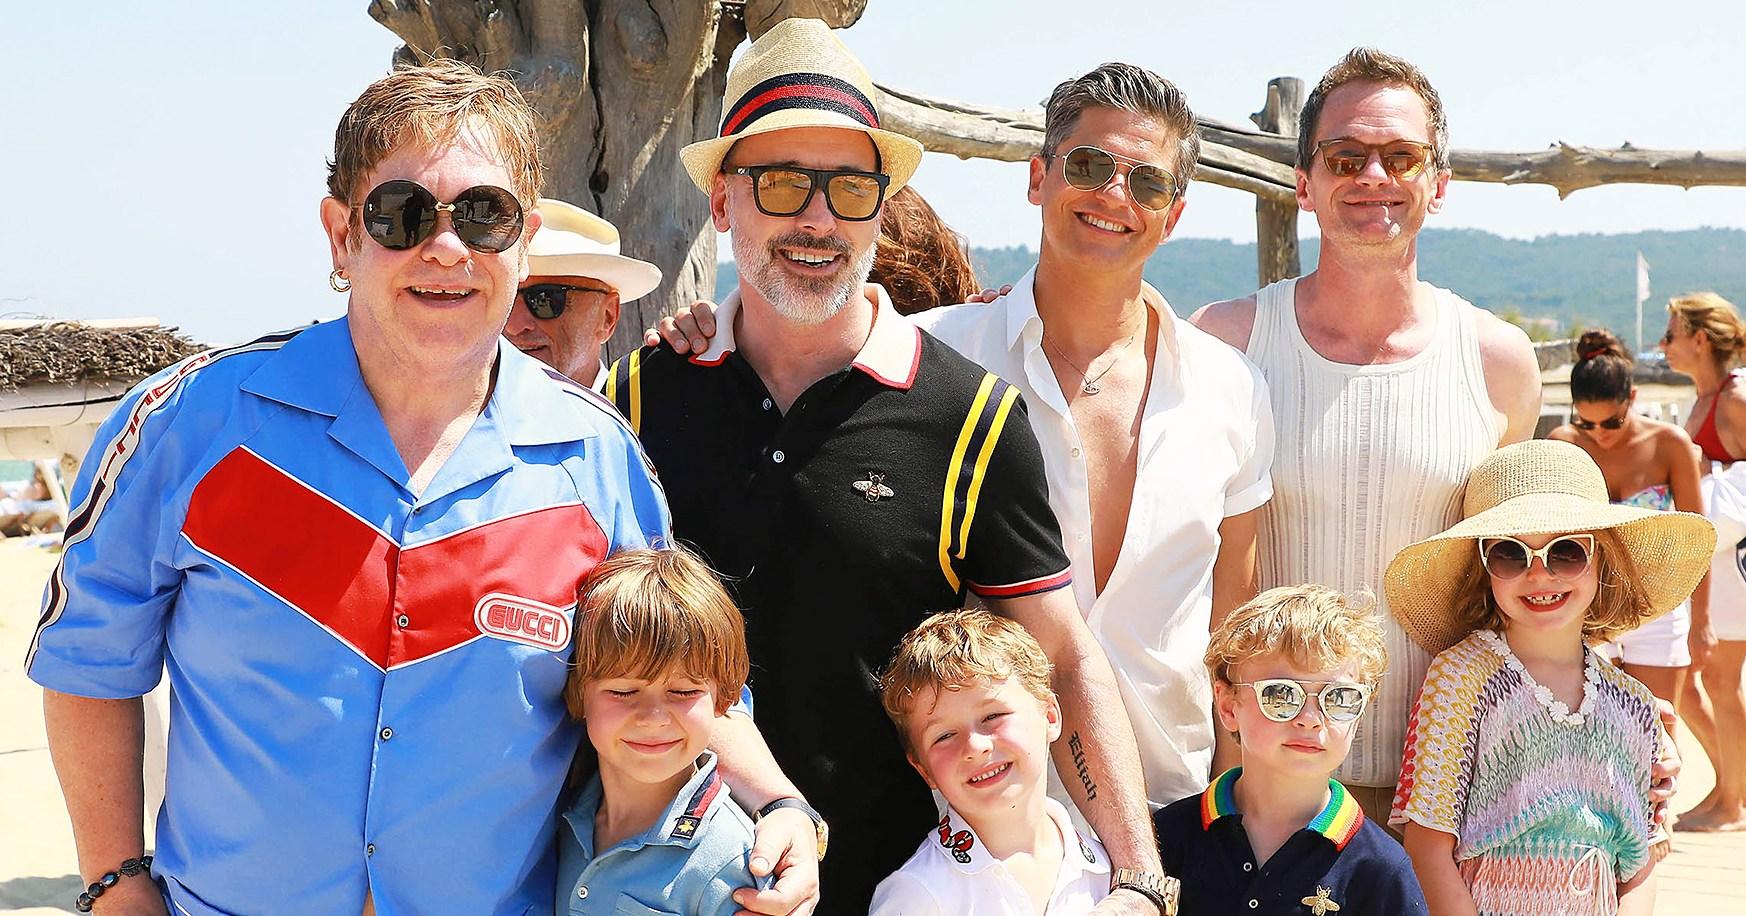 Elton John and Neil Patrick Harris' Family Vacation